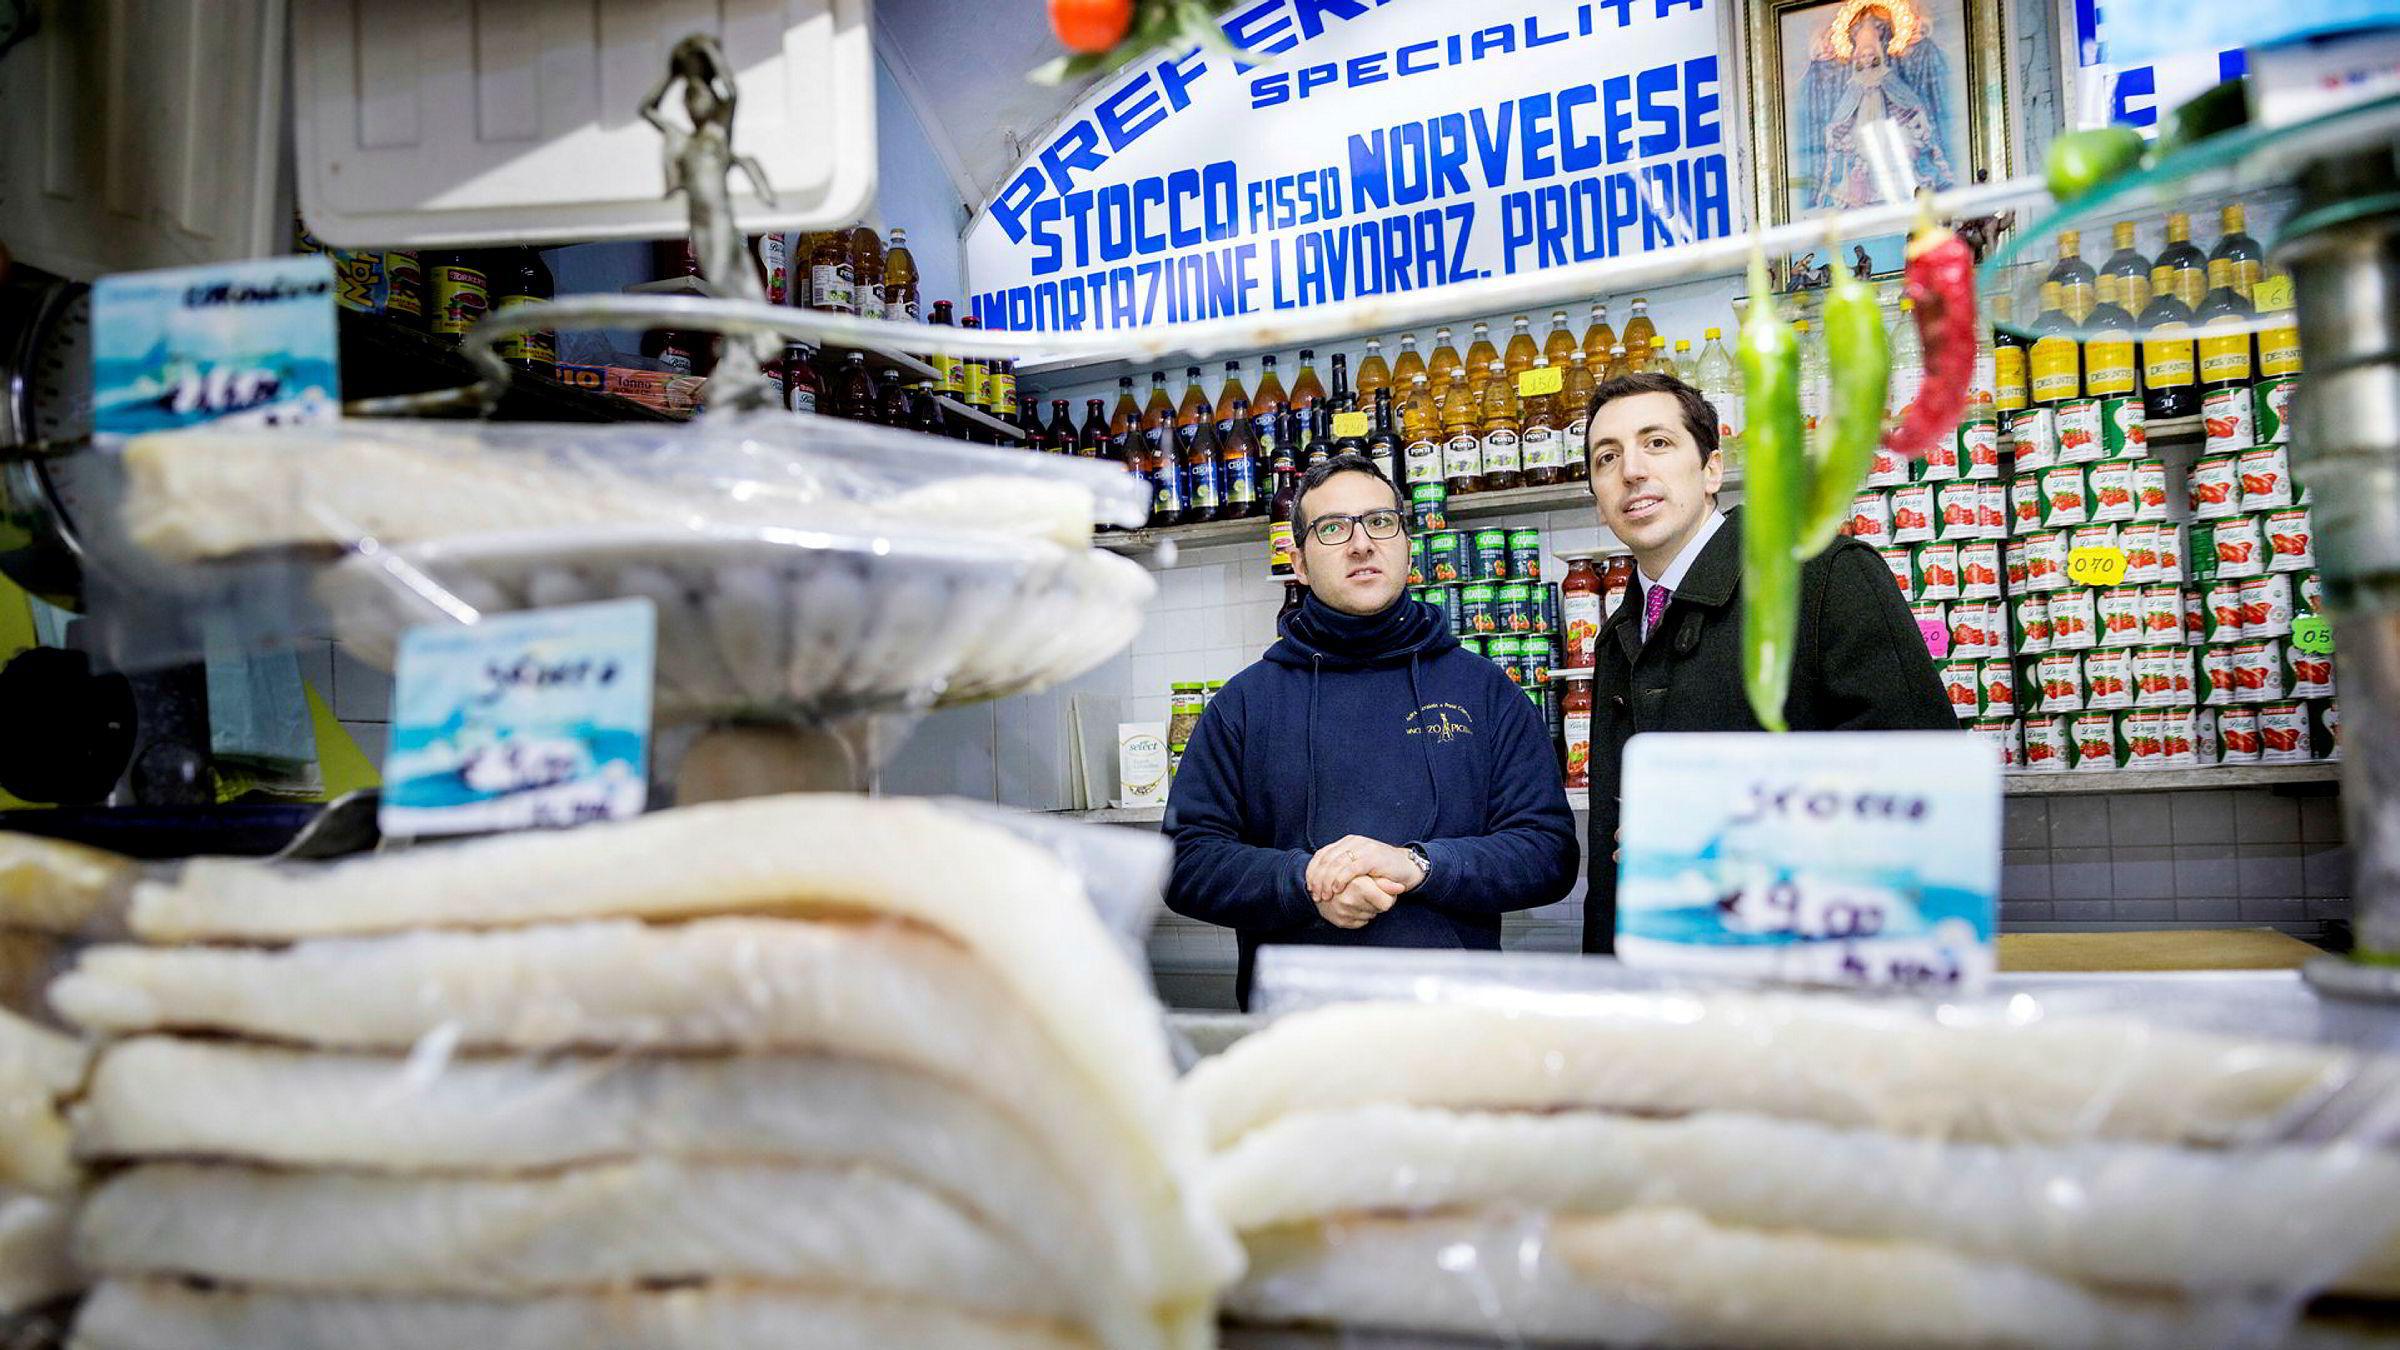 Tørrfisk ferdig til bruk i fiskeforretningen til Vinzenzo Apicella (til venstre). Her sammen med agenten Nico Alloia.